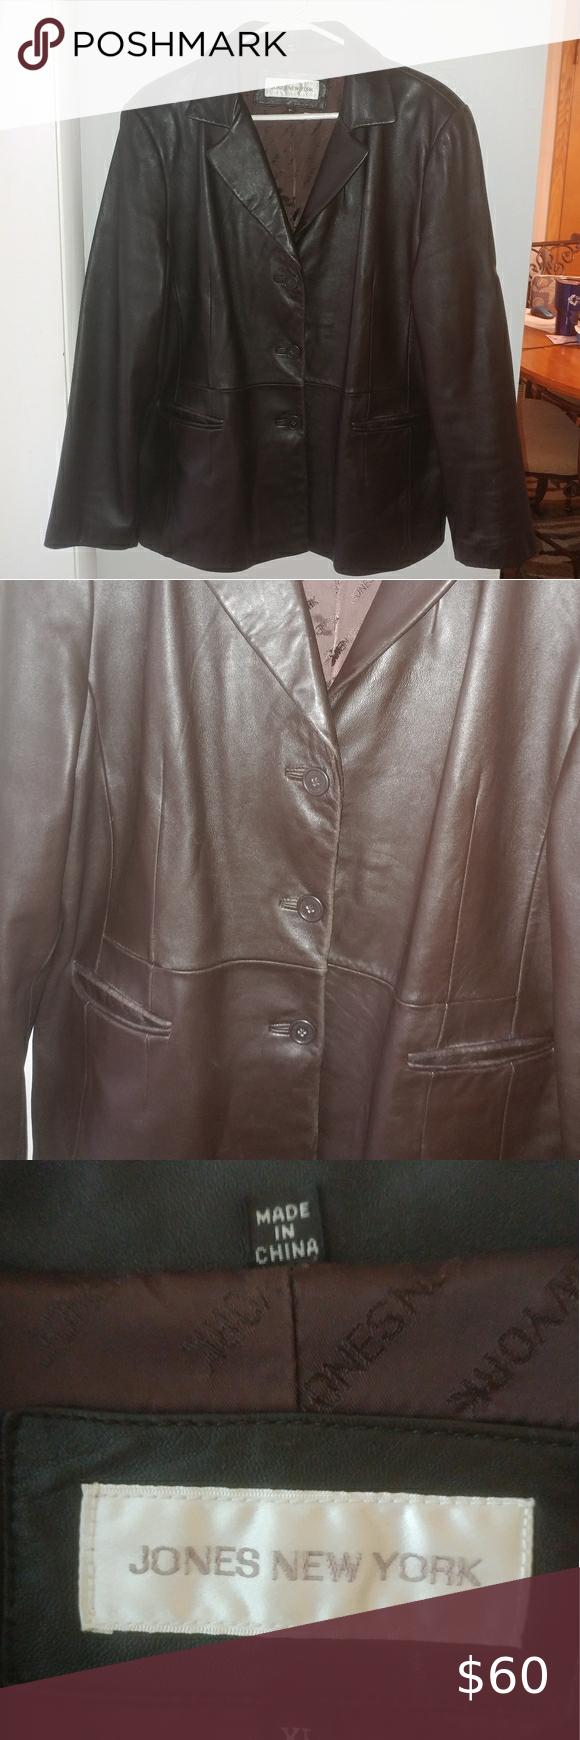 Jones New York Leather Jacket Jones New York Leather Jacket Jackets [ 1740 x 580 Pixel ]